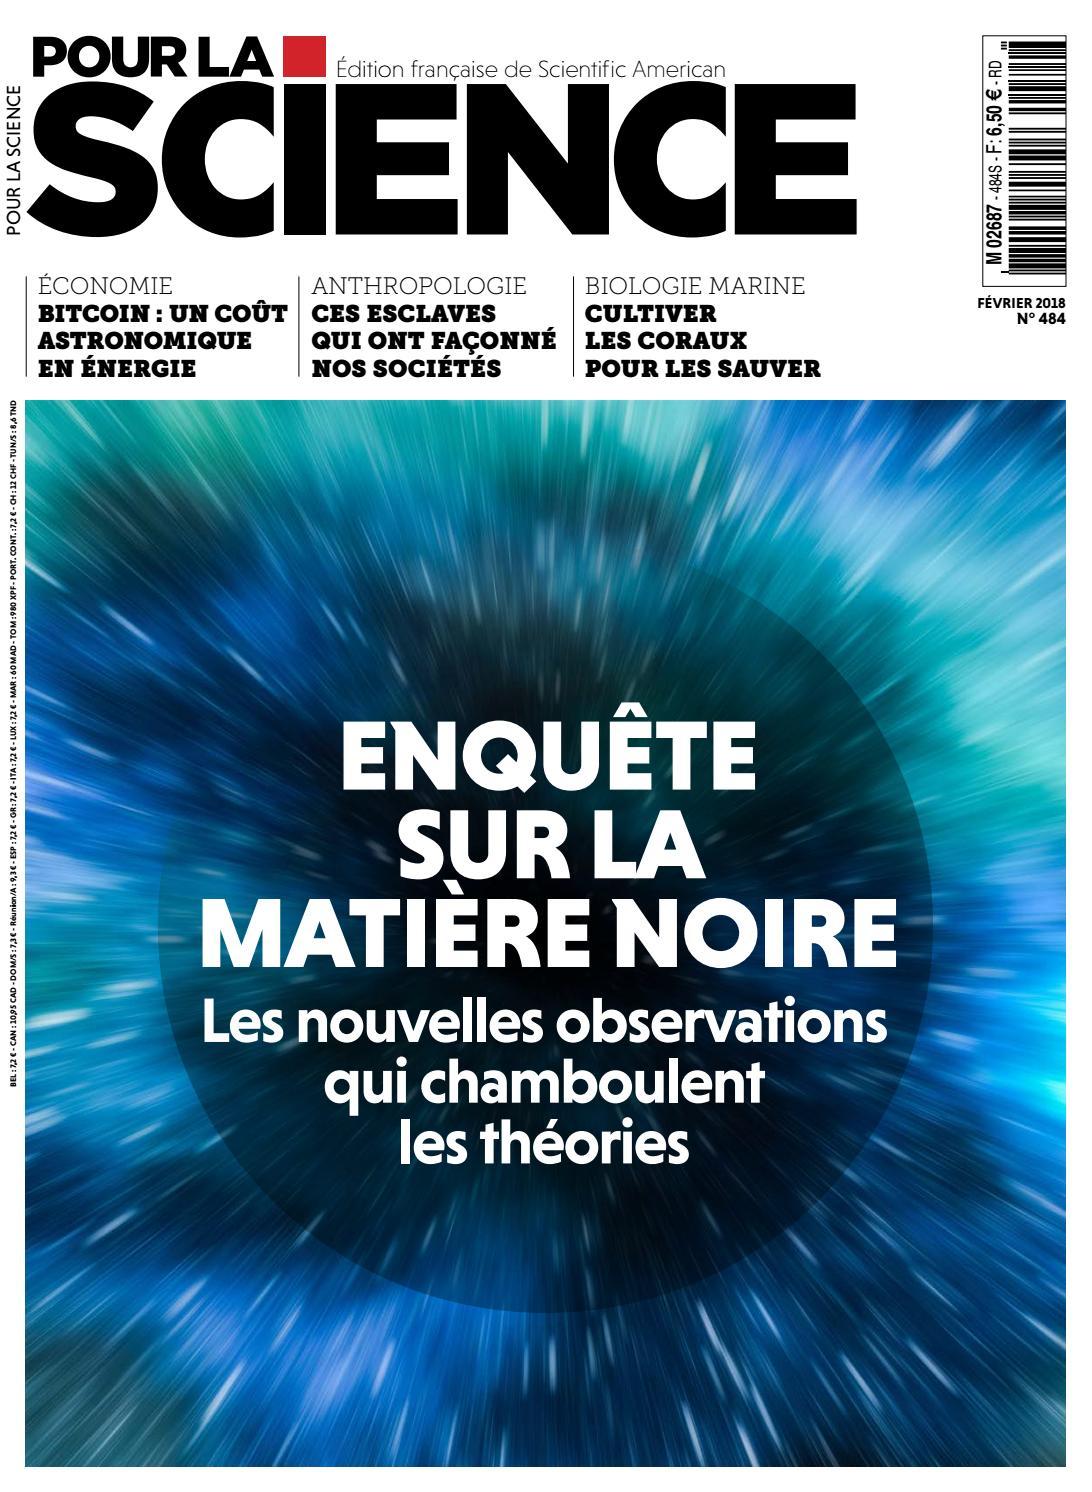 Pour la Science n°484 - février 2018 (extraits) by Pour la Science - issuu 563b9c135e27